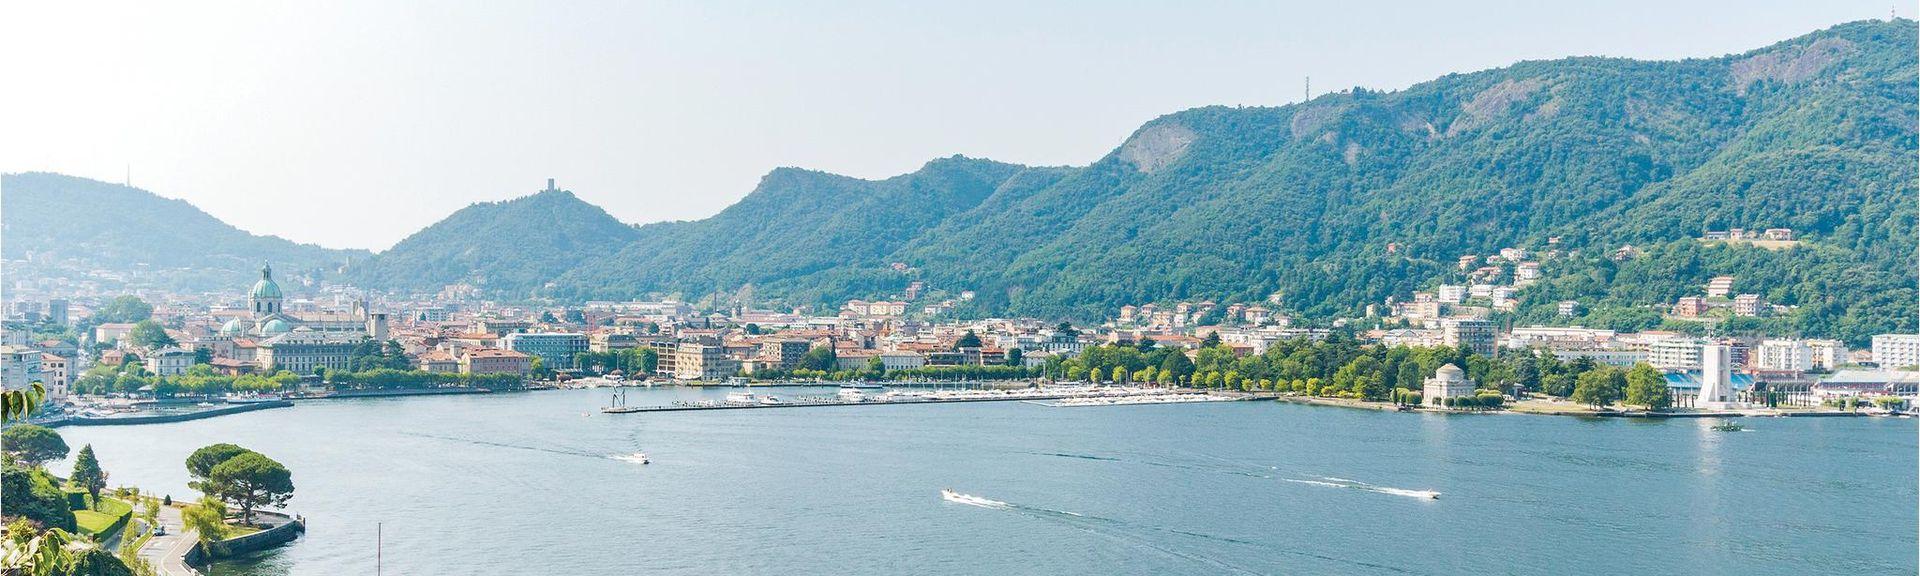 Varese (provincie), Lombardije, Italië